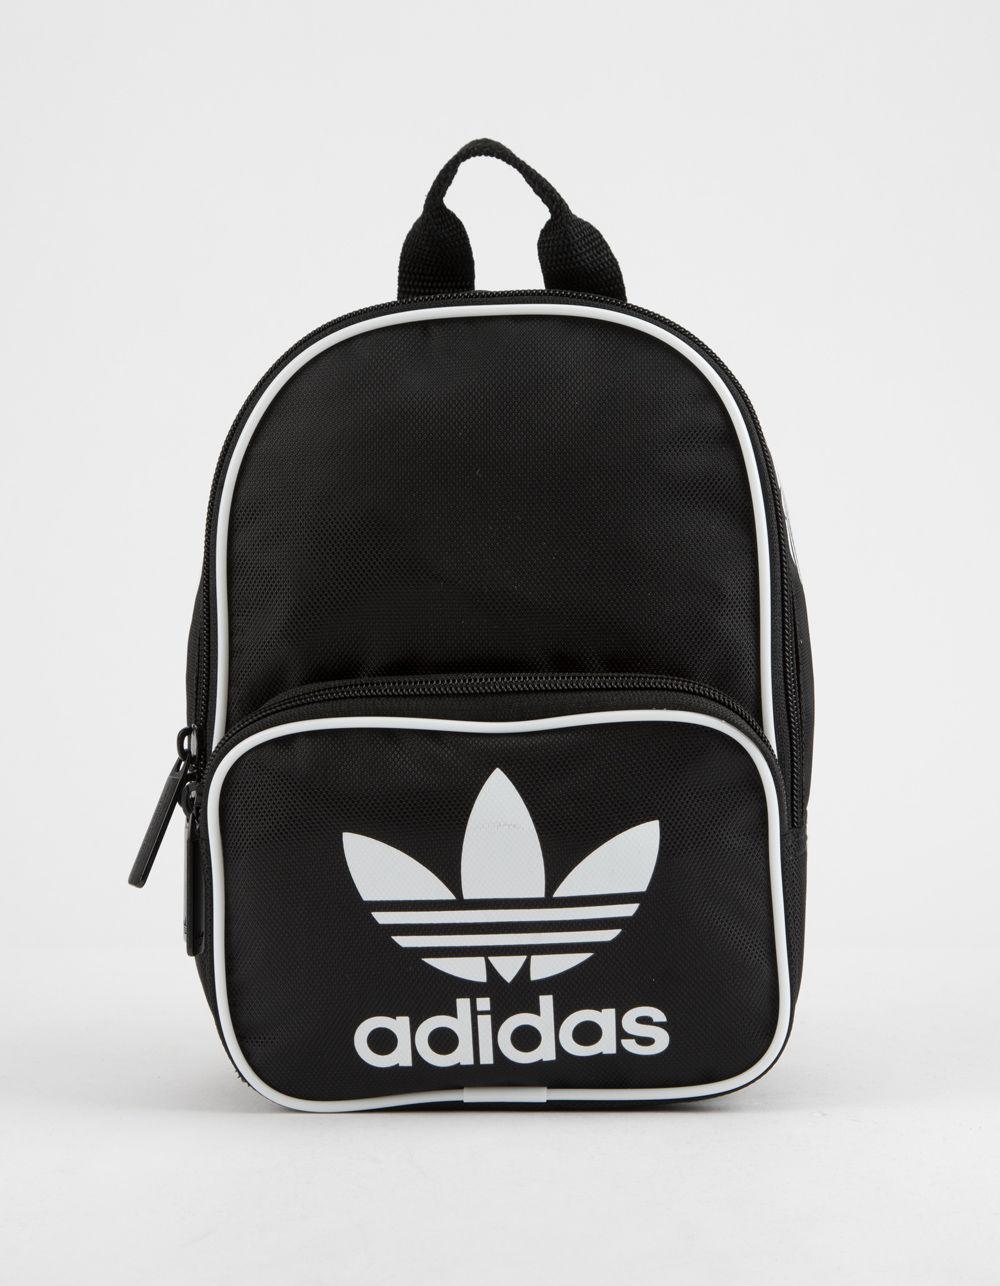 Adidas - Originals Santiago Black Mini Backpack - Lyst. View fullscreen 0479fc4cb5607